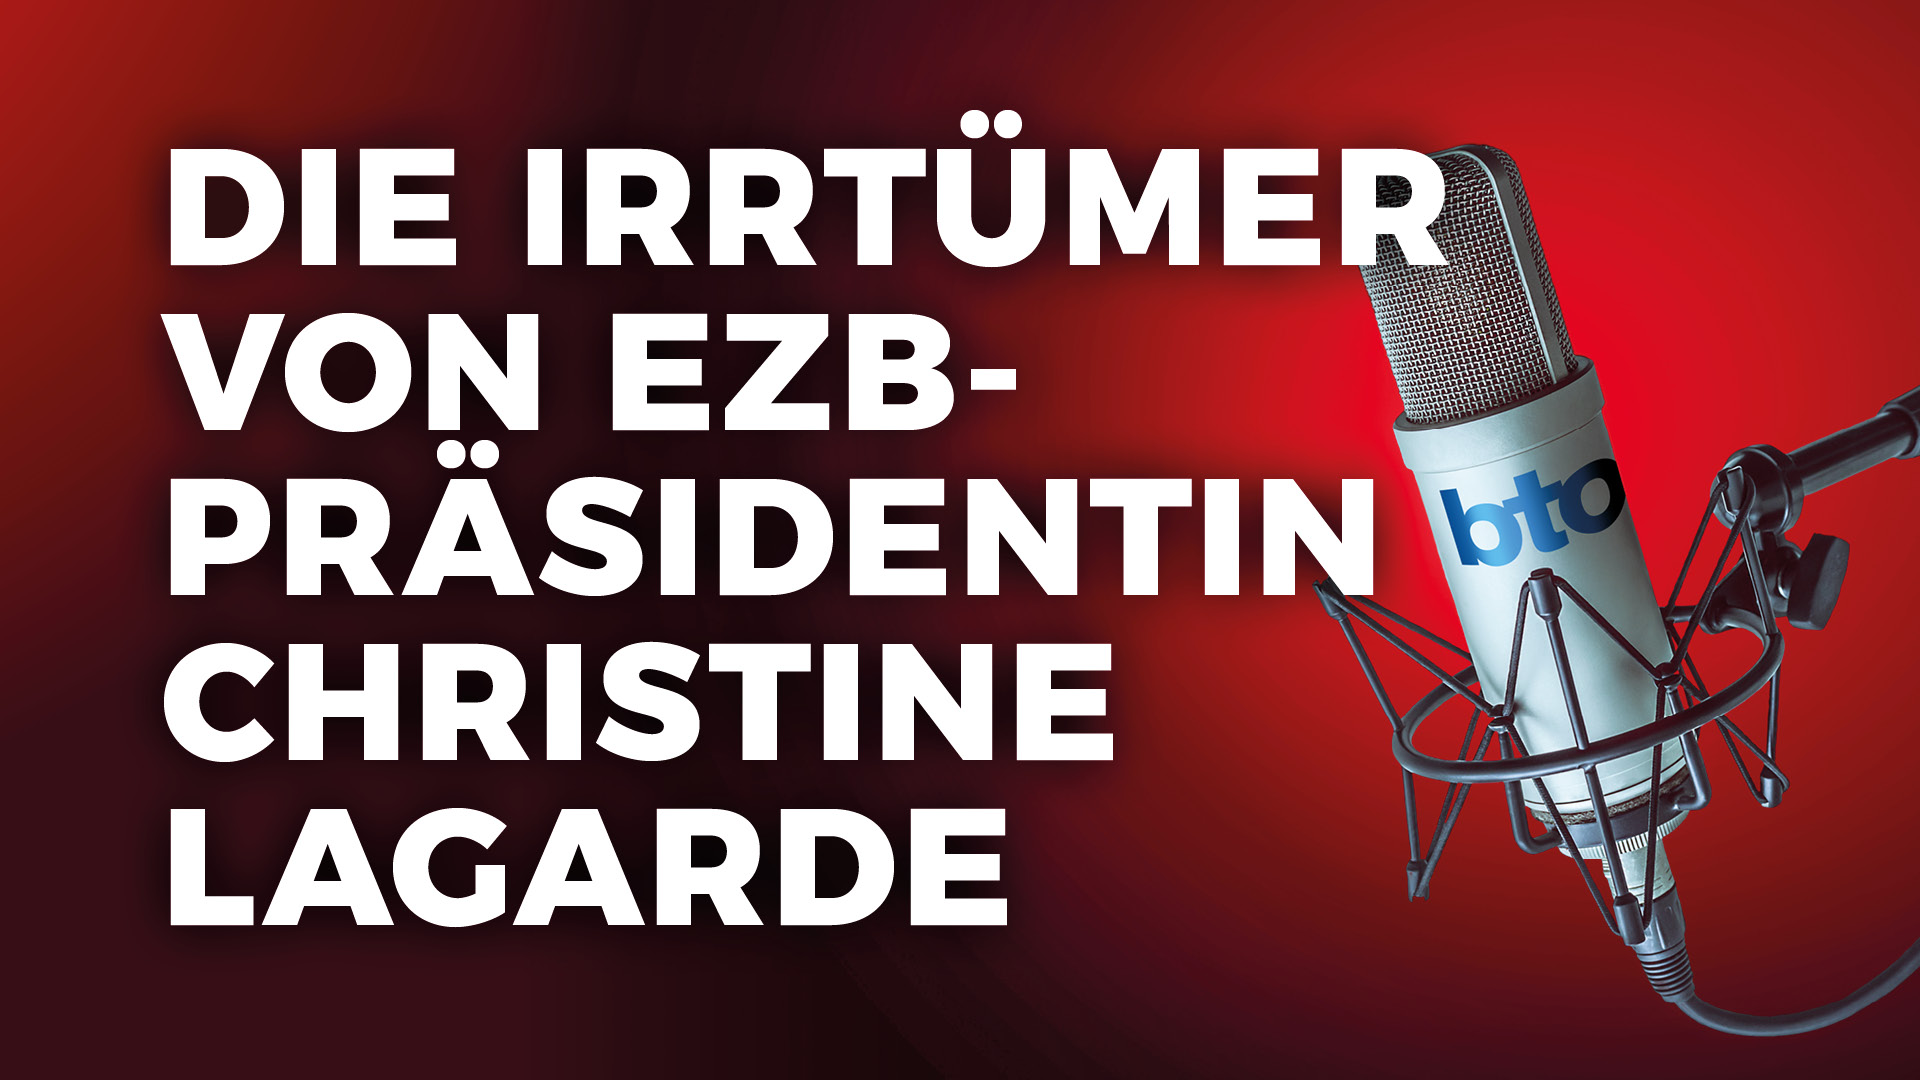 Die Irrtümer von EZB-Präsidentin Christine Lagarde